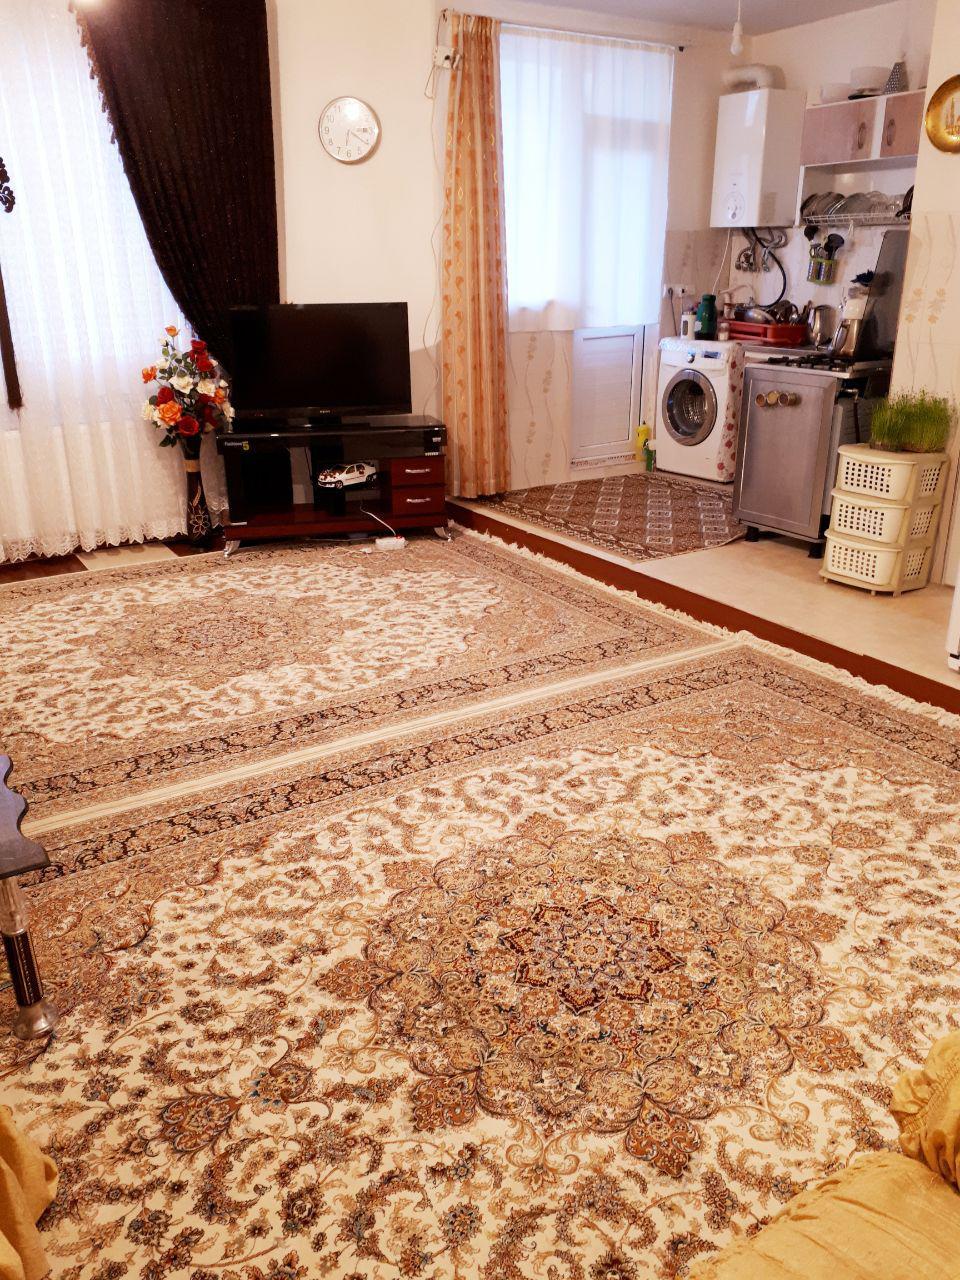 اجاره روزانه آپارتمان در اردبیل